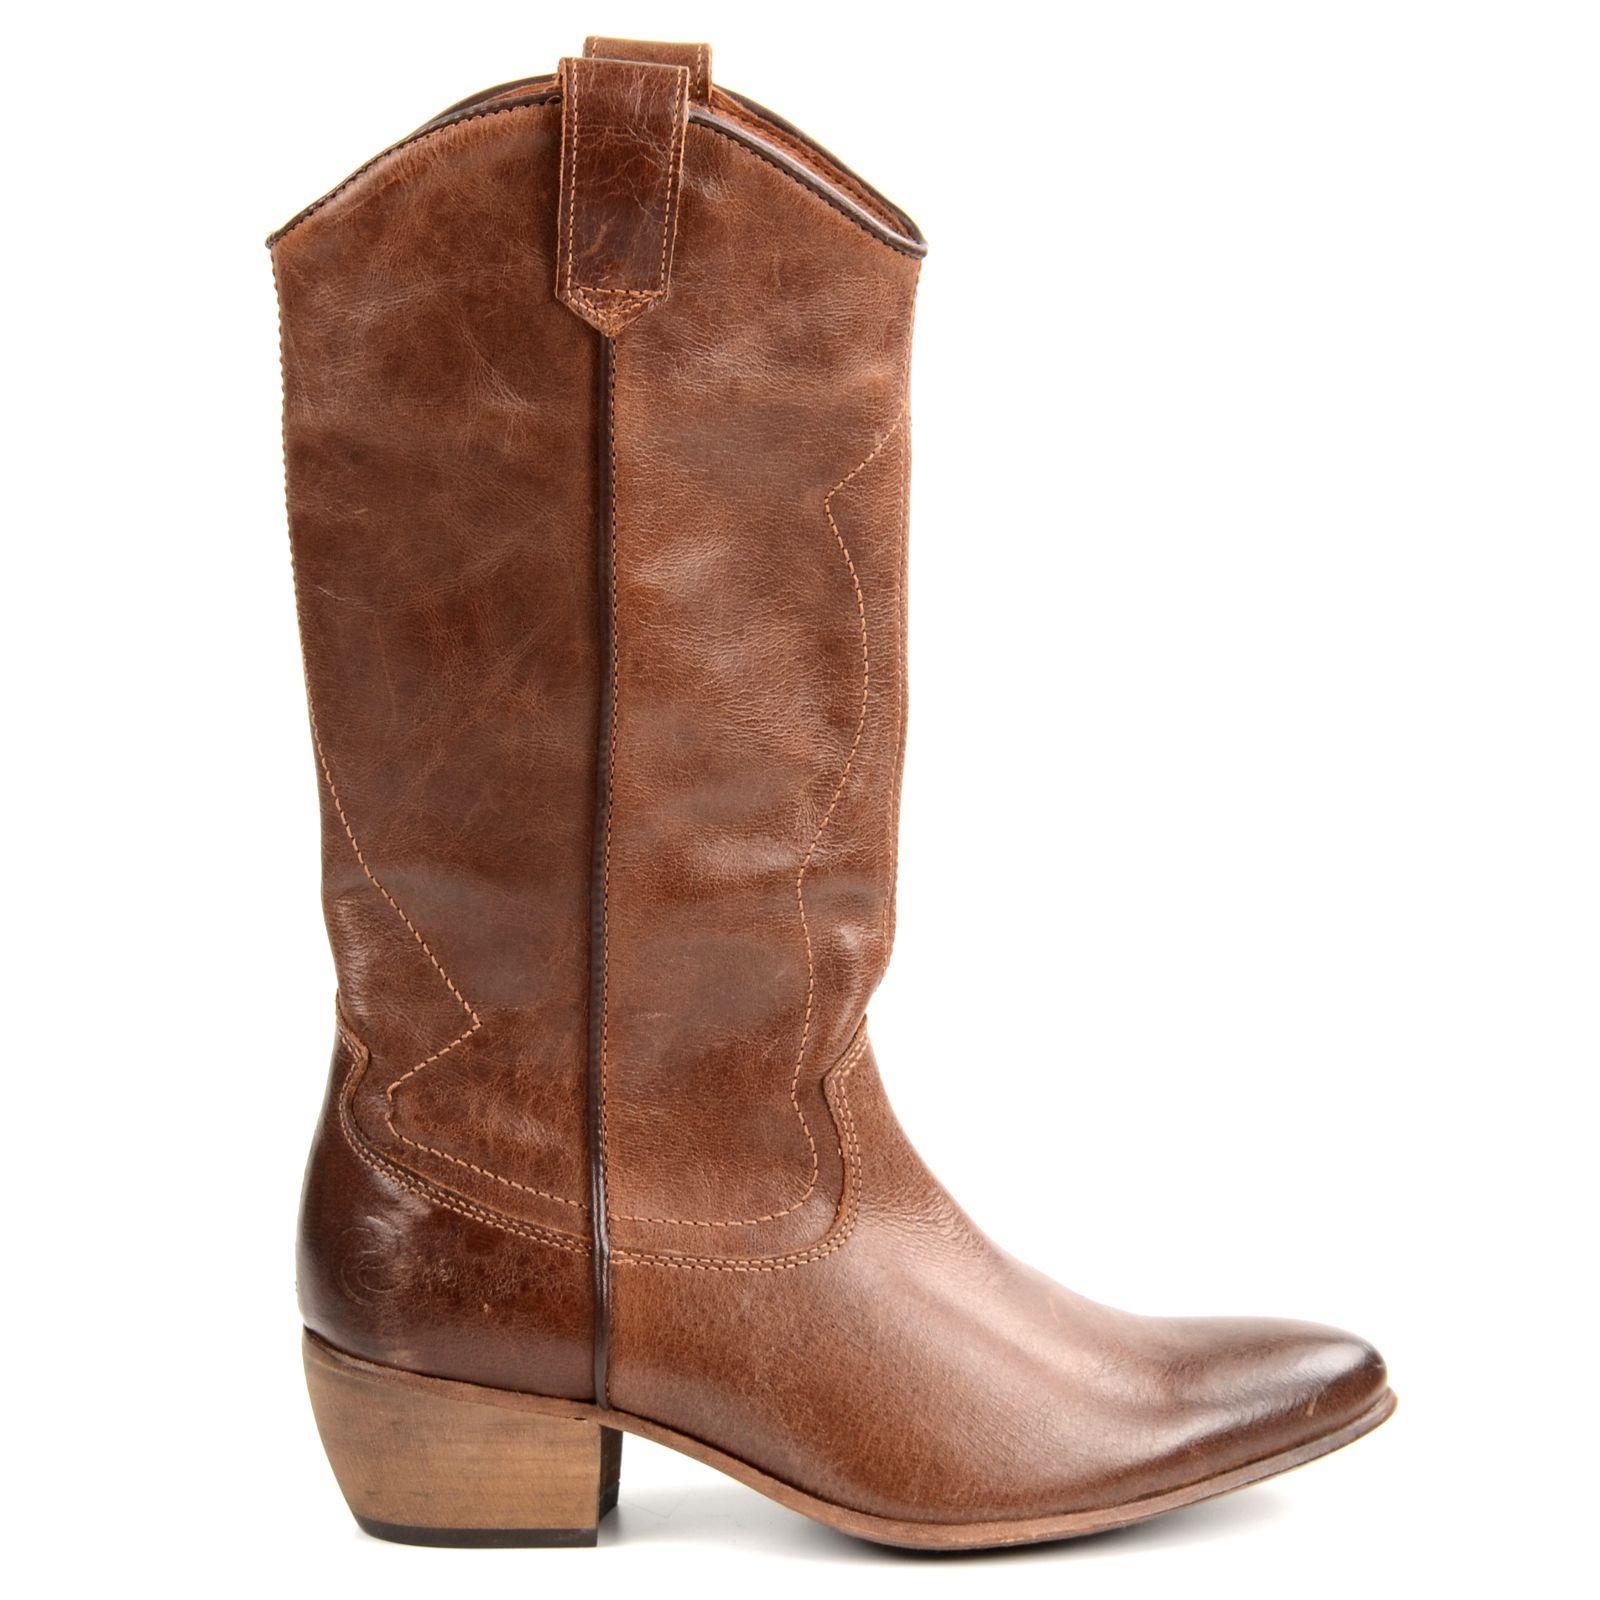 Taupe Leren Westernlaarzen | Lane Boots | Turquoise en Witte Stiksels